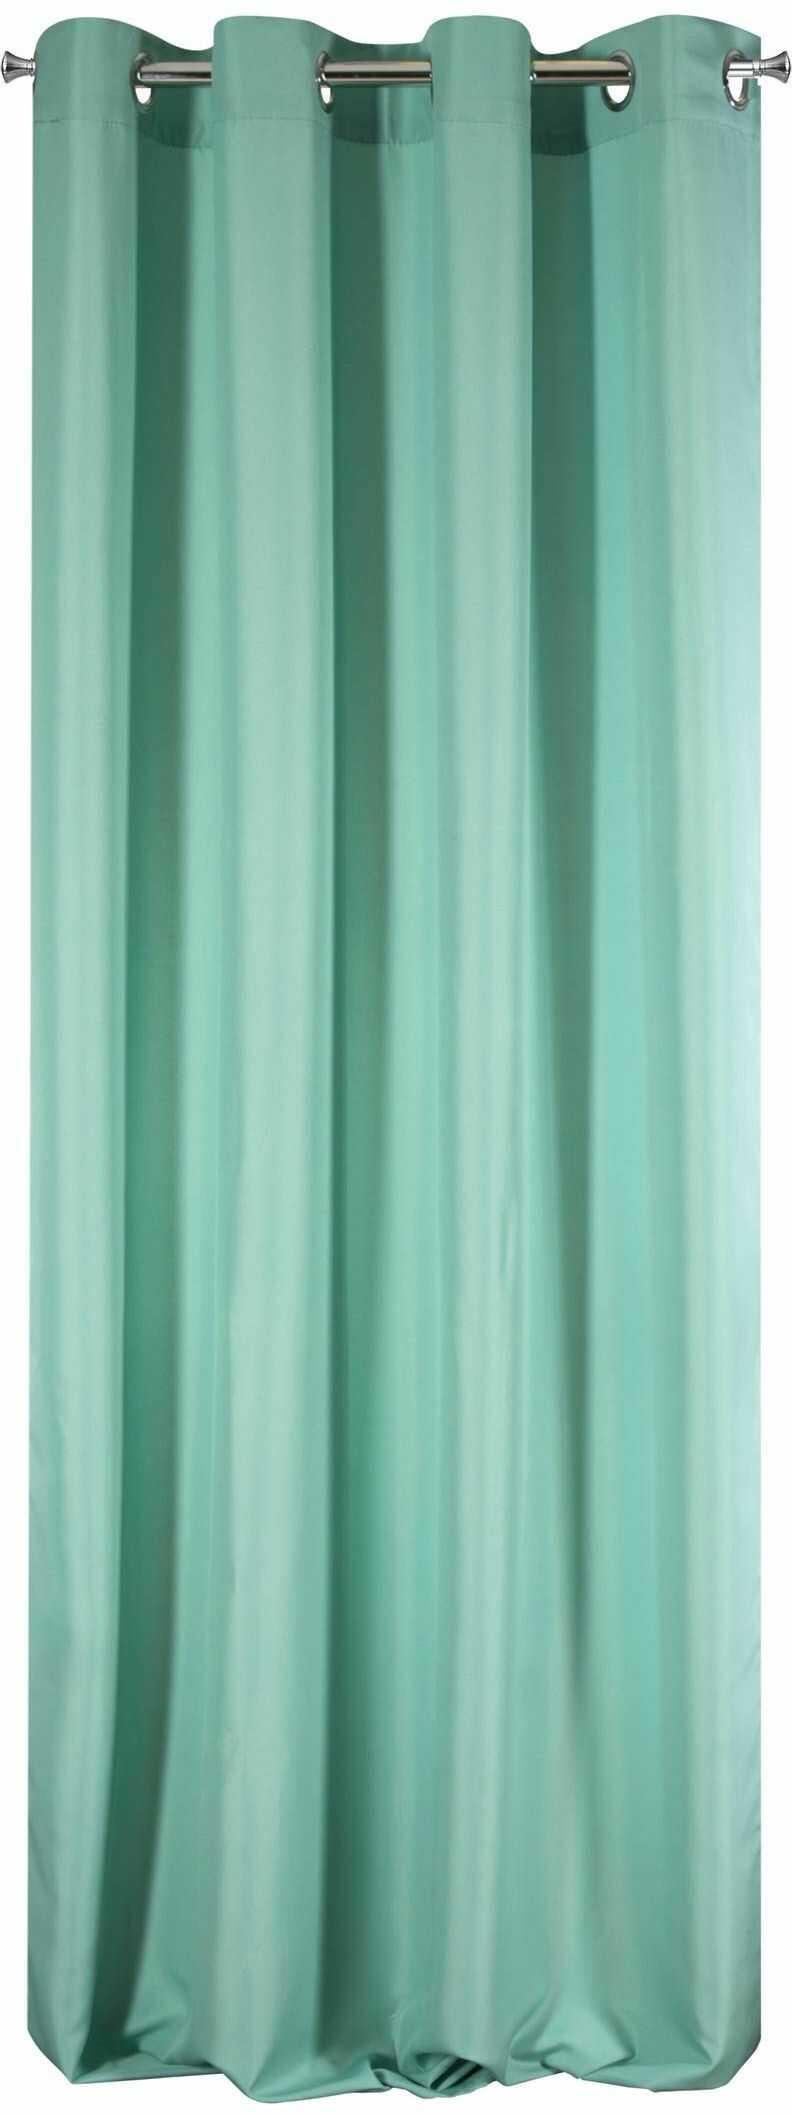 Design91 zasłona gładka, matowa, 8 oczek, miękka, 1 sztuka, nowoczesna, prosta do sypialni, pokoju dziecięcego, salonu, tkanina, mięta, 140 x 250 cm